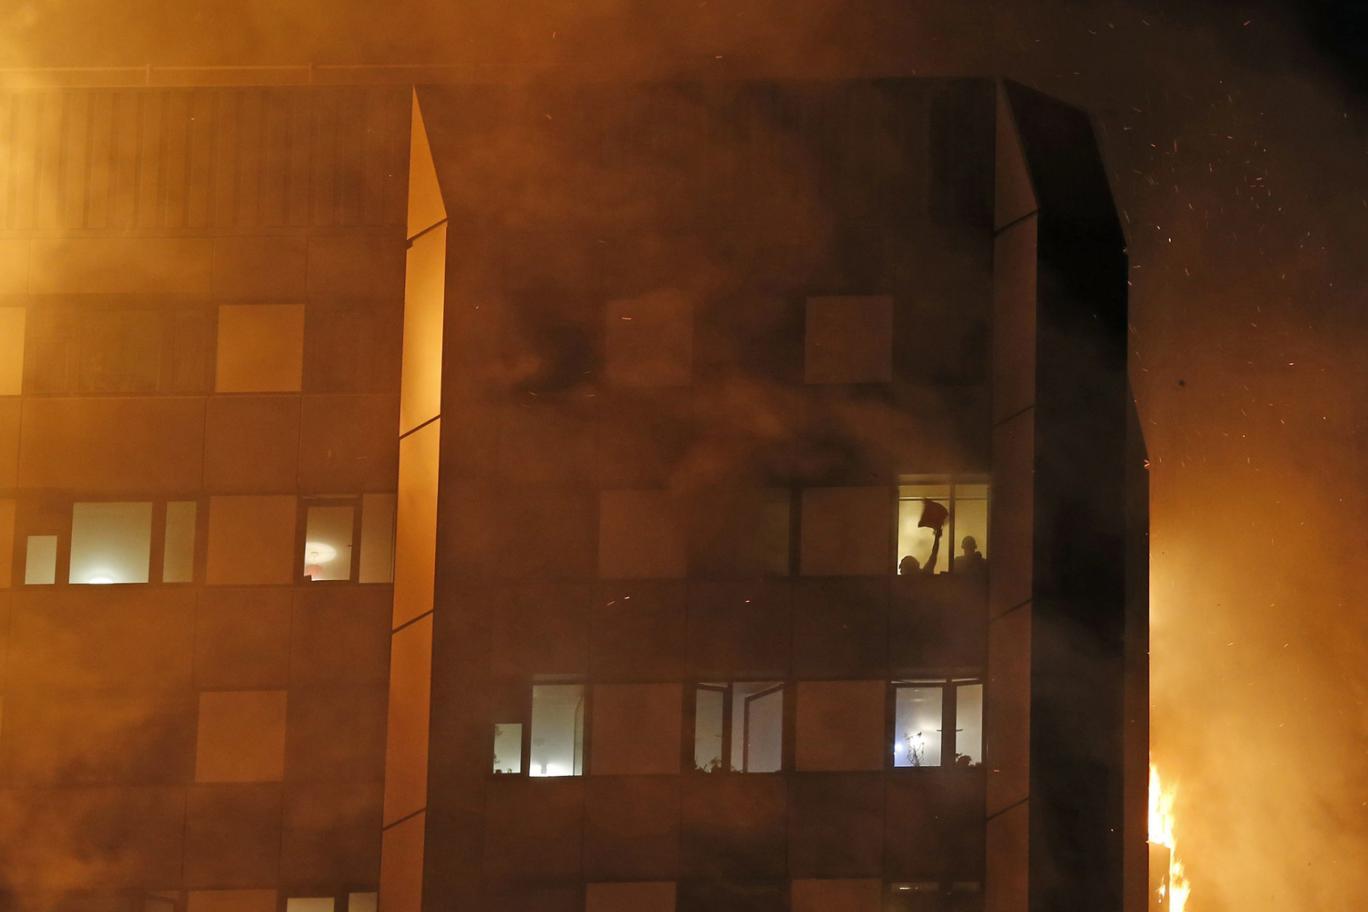 Nạn nhân vụ cháy London ôm nệm nhảy từ tầng cao xuống - 3